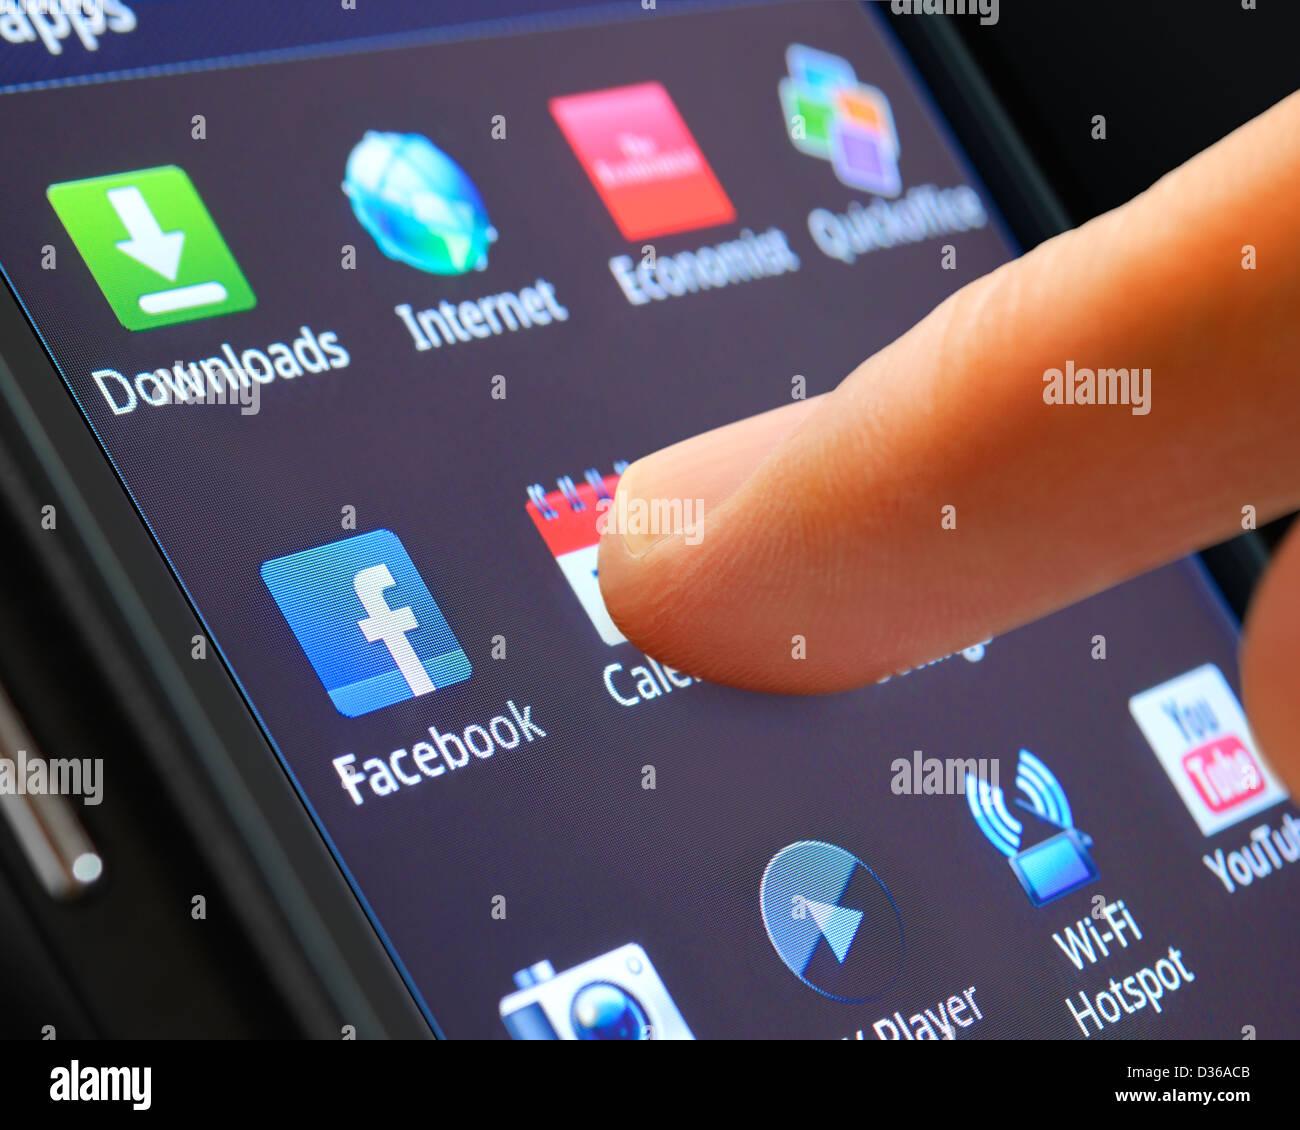 Aplicación Smartphone está seleccionado en una pantalla táctil, de cerca. Imagen De Stock